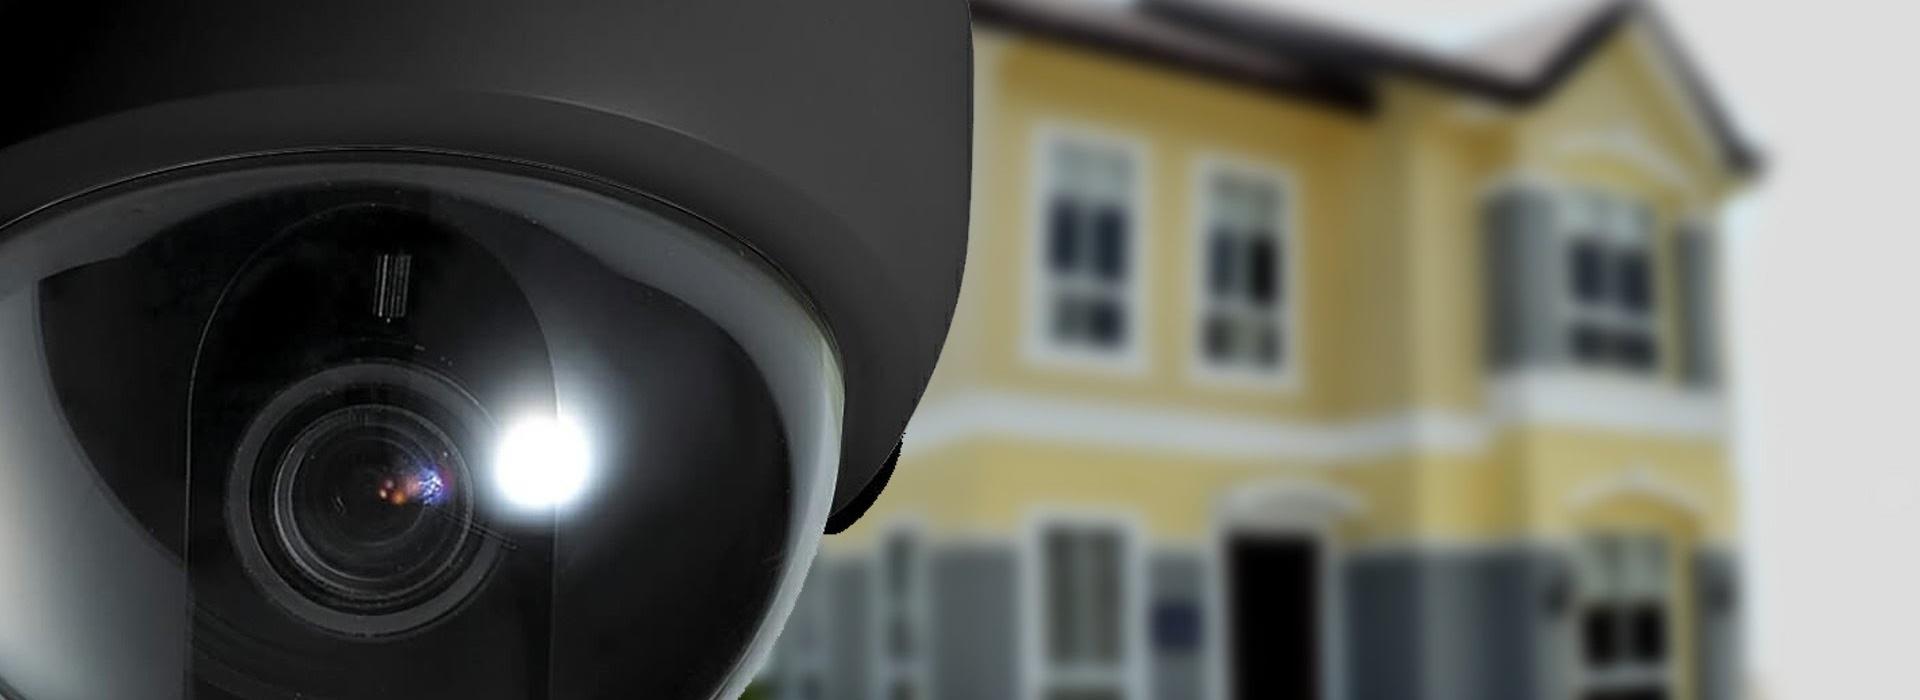 Tudta, hogy a betörők 34%-a a bejárati ajtón keresztül jut be otthonába?